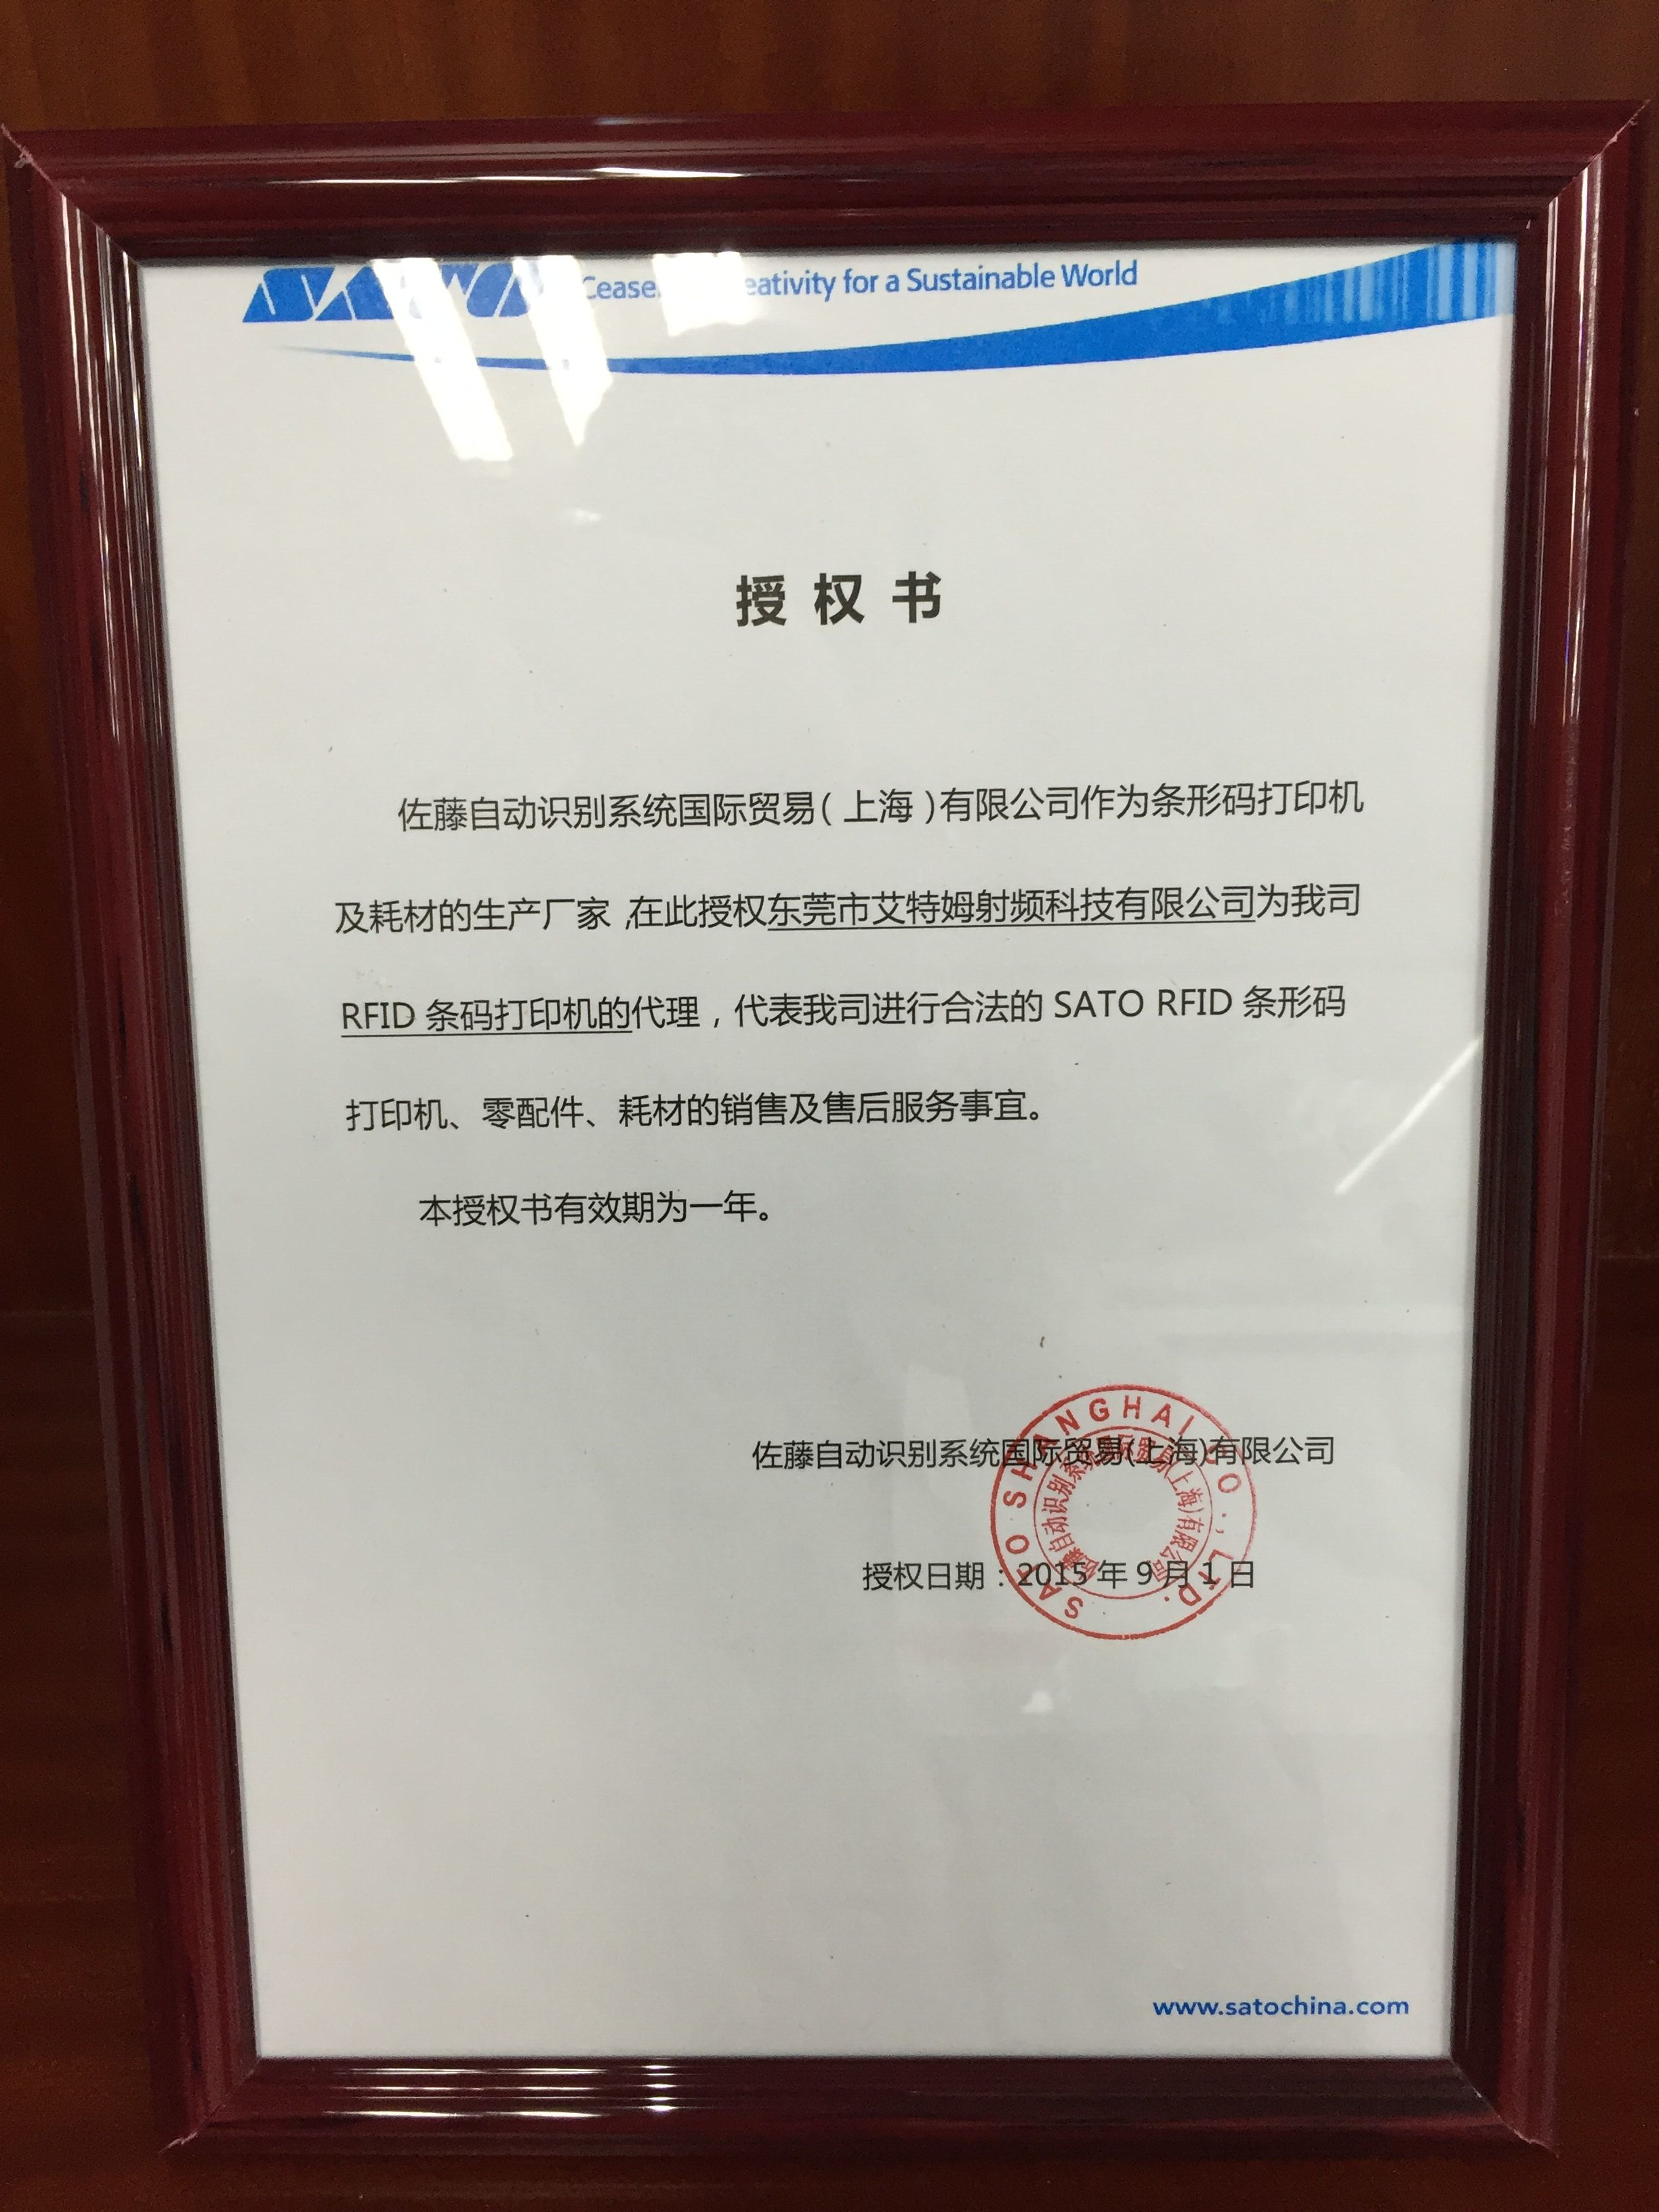 艾特姆射频科技成为SATO RFID打印机业务中国华南区总代理